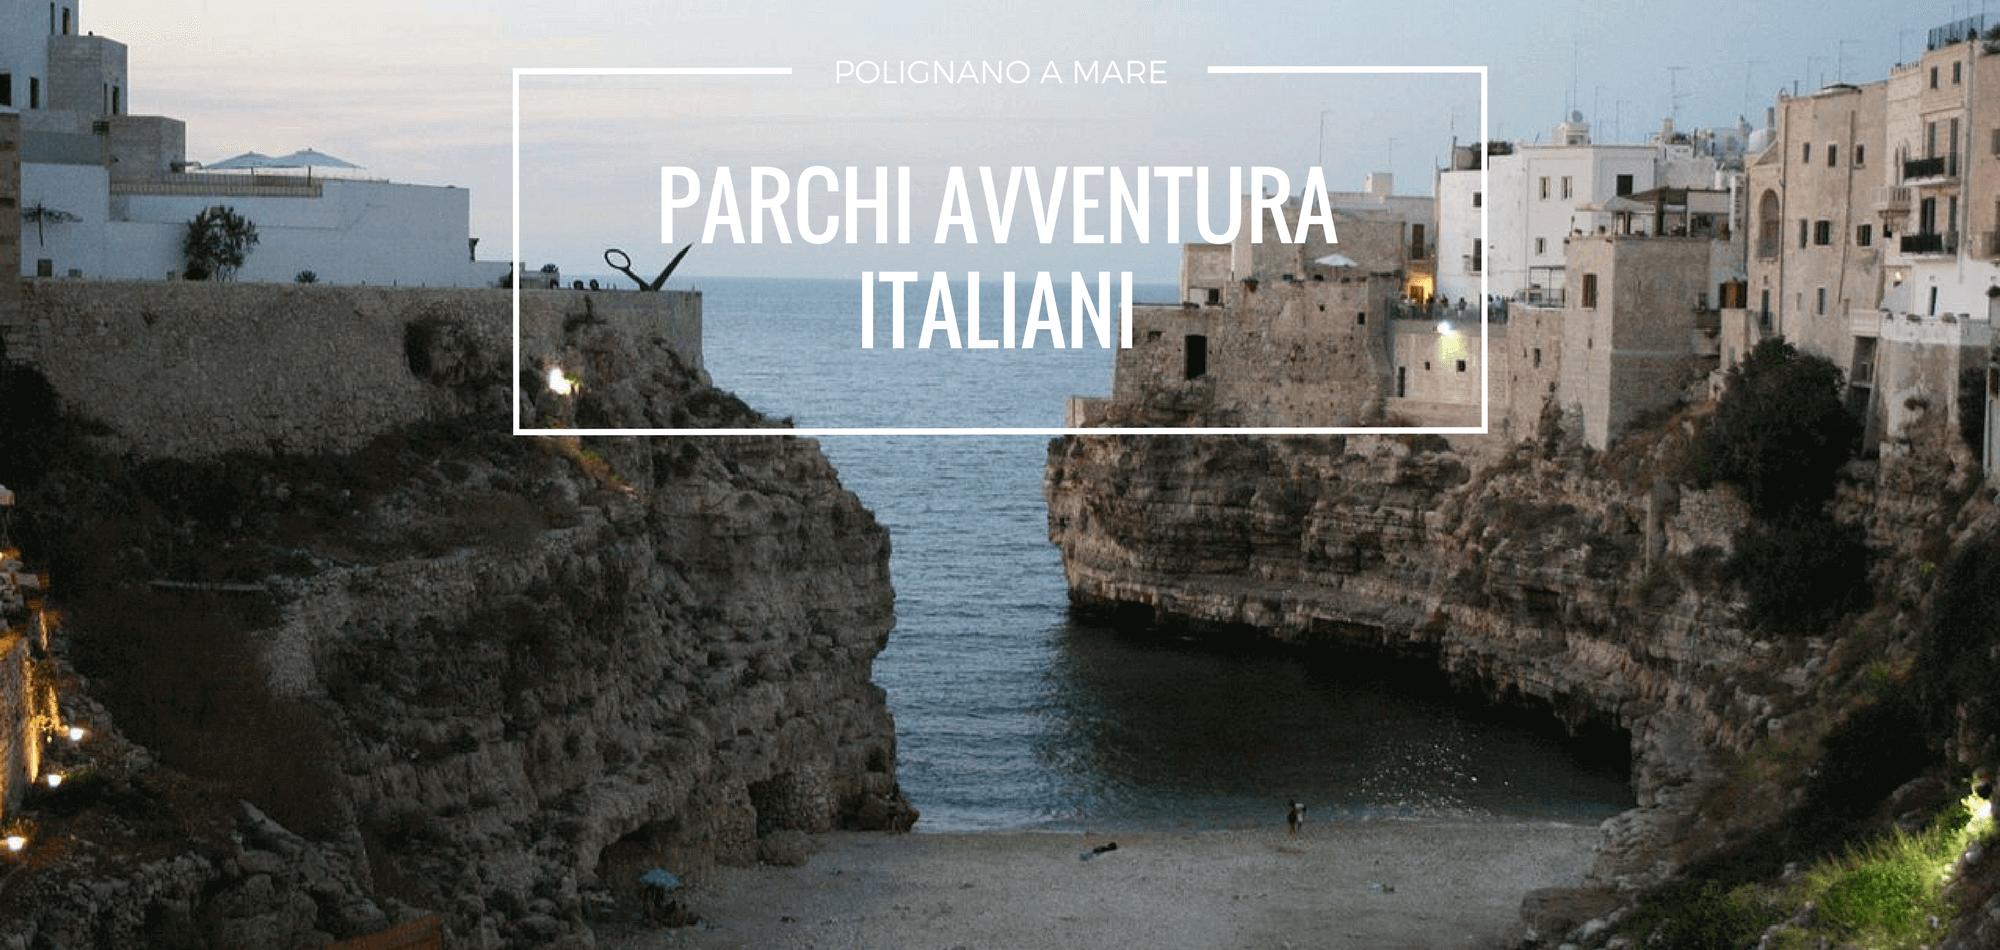 PAI (Parchi Avventura Italiani) ospita Evermind : la strategia digitale per il tuo parco avventura